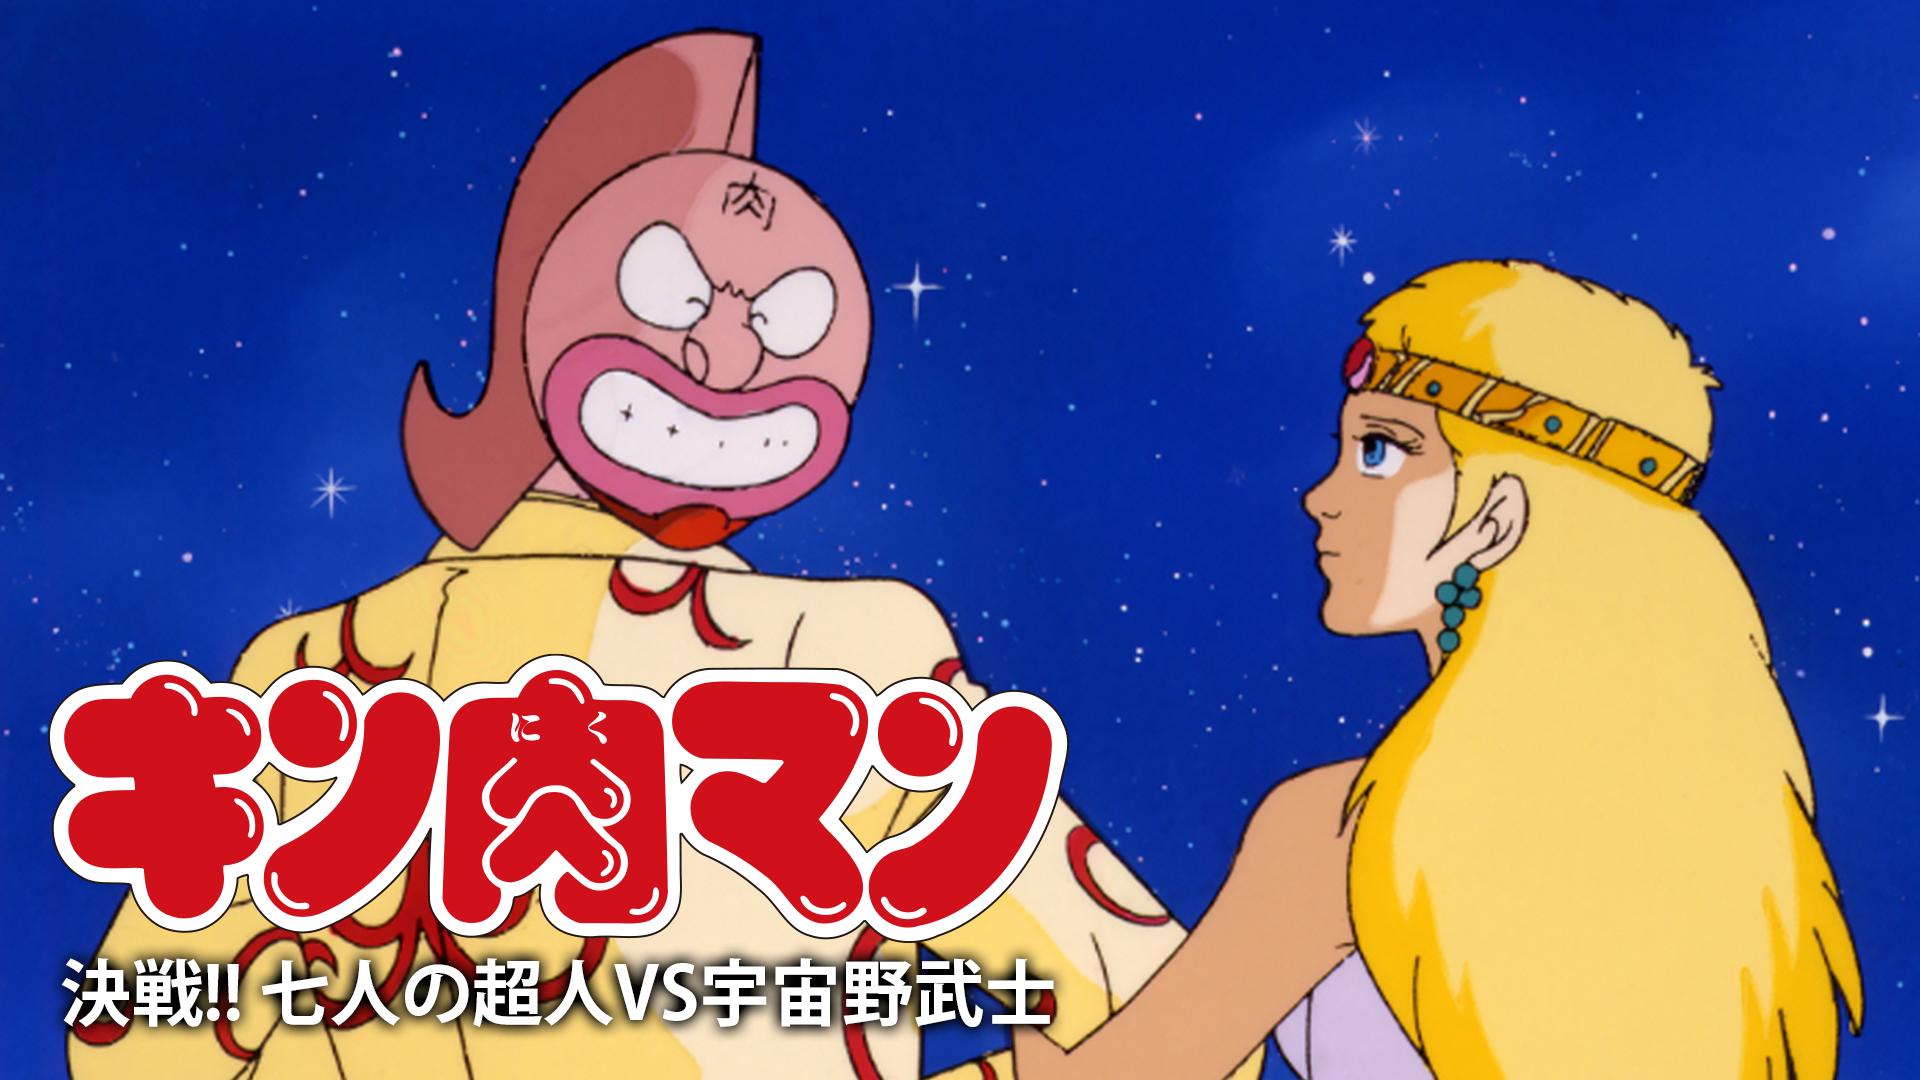 キン肉マン 決戦!! 七人の超人VS宇宙野武士の動画 - キン肉マン キン肉星王位争奪編